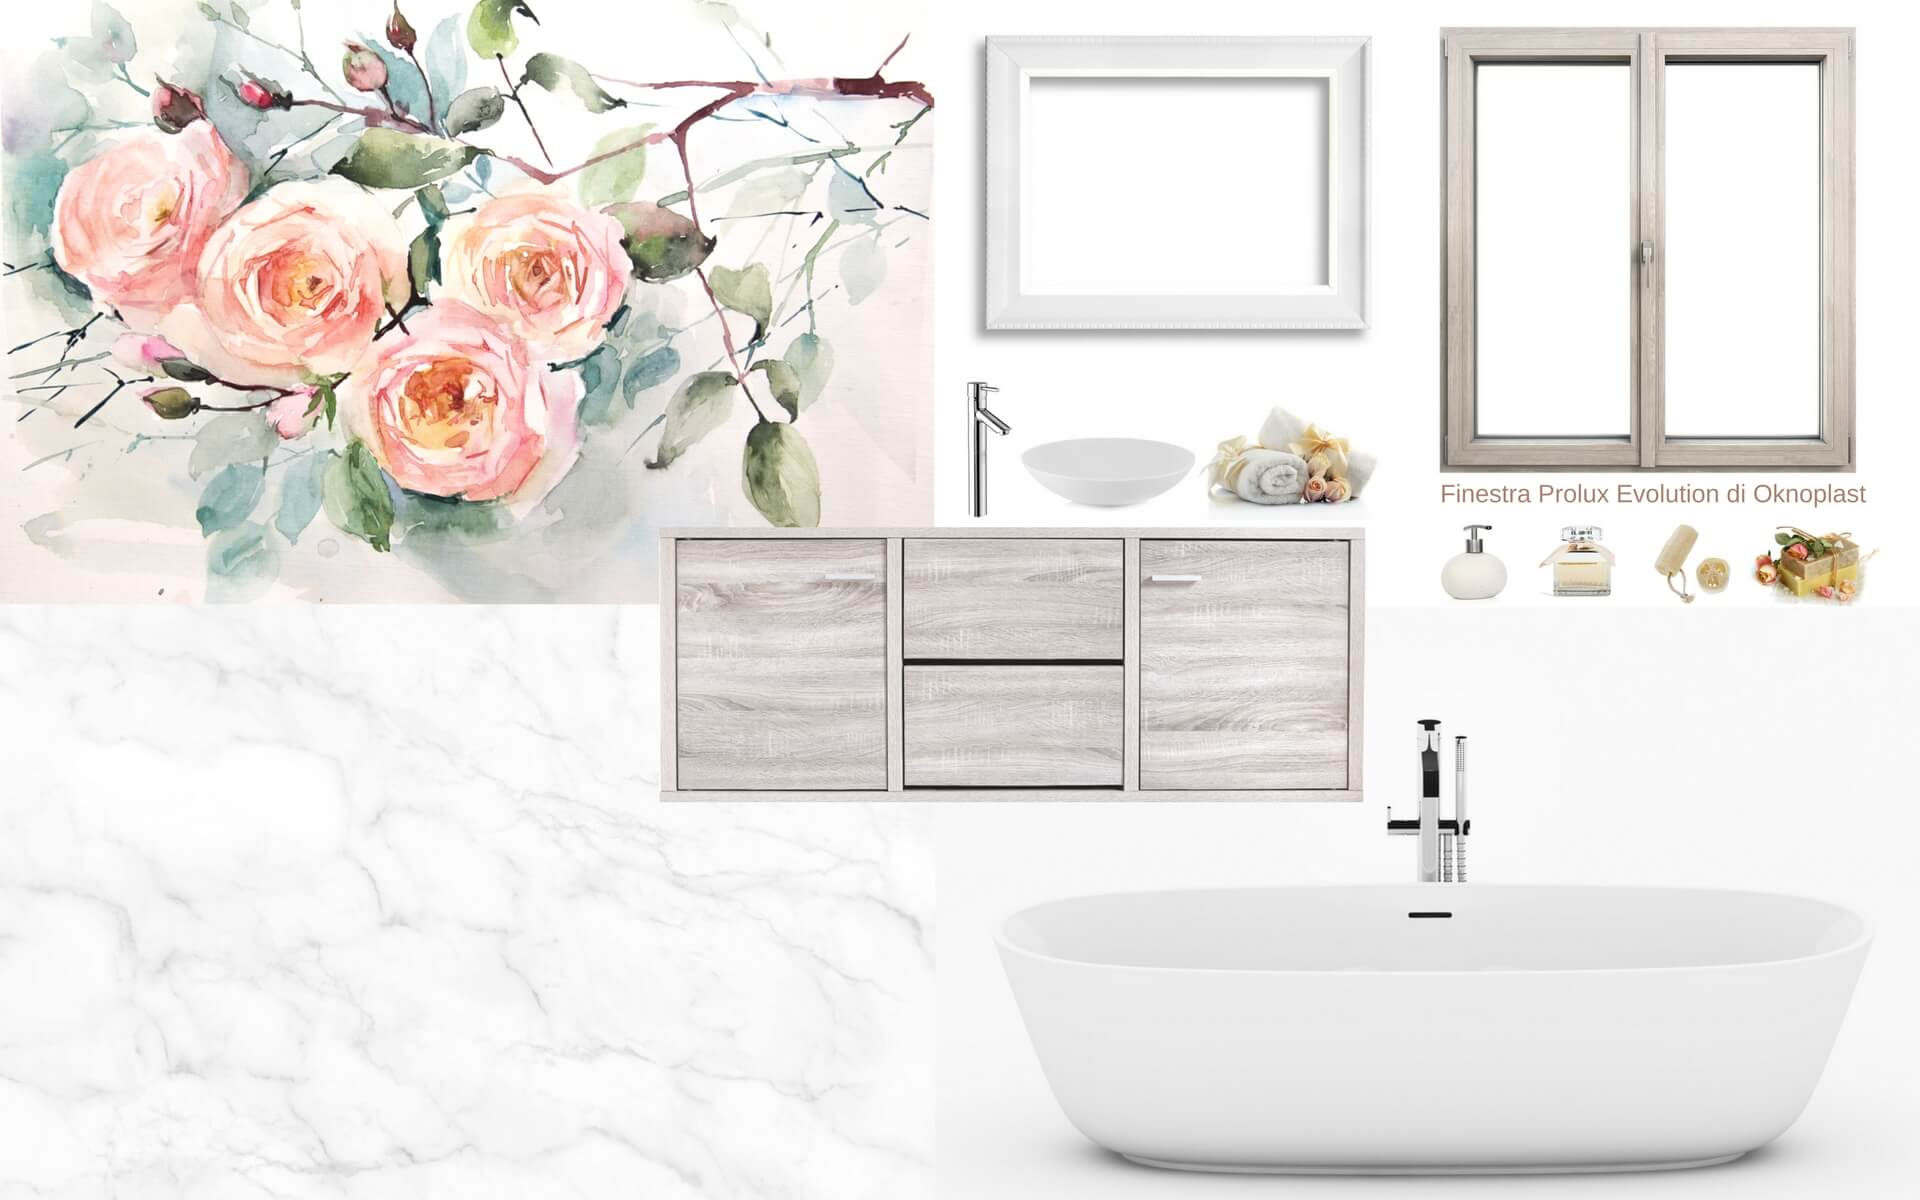 Consigli pratici per usare una carta da parati floreale in bagno